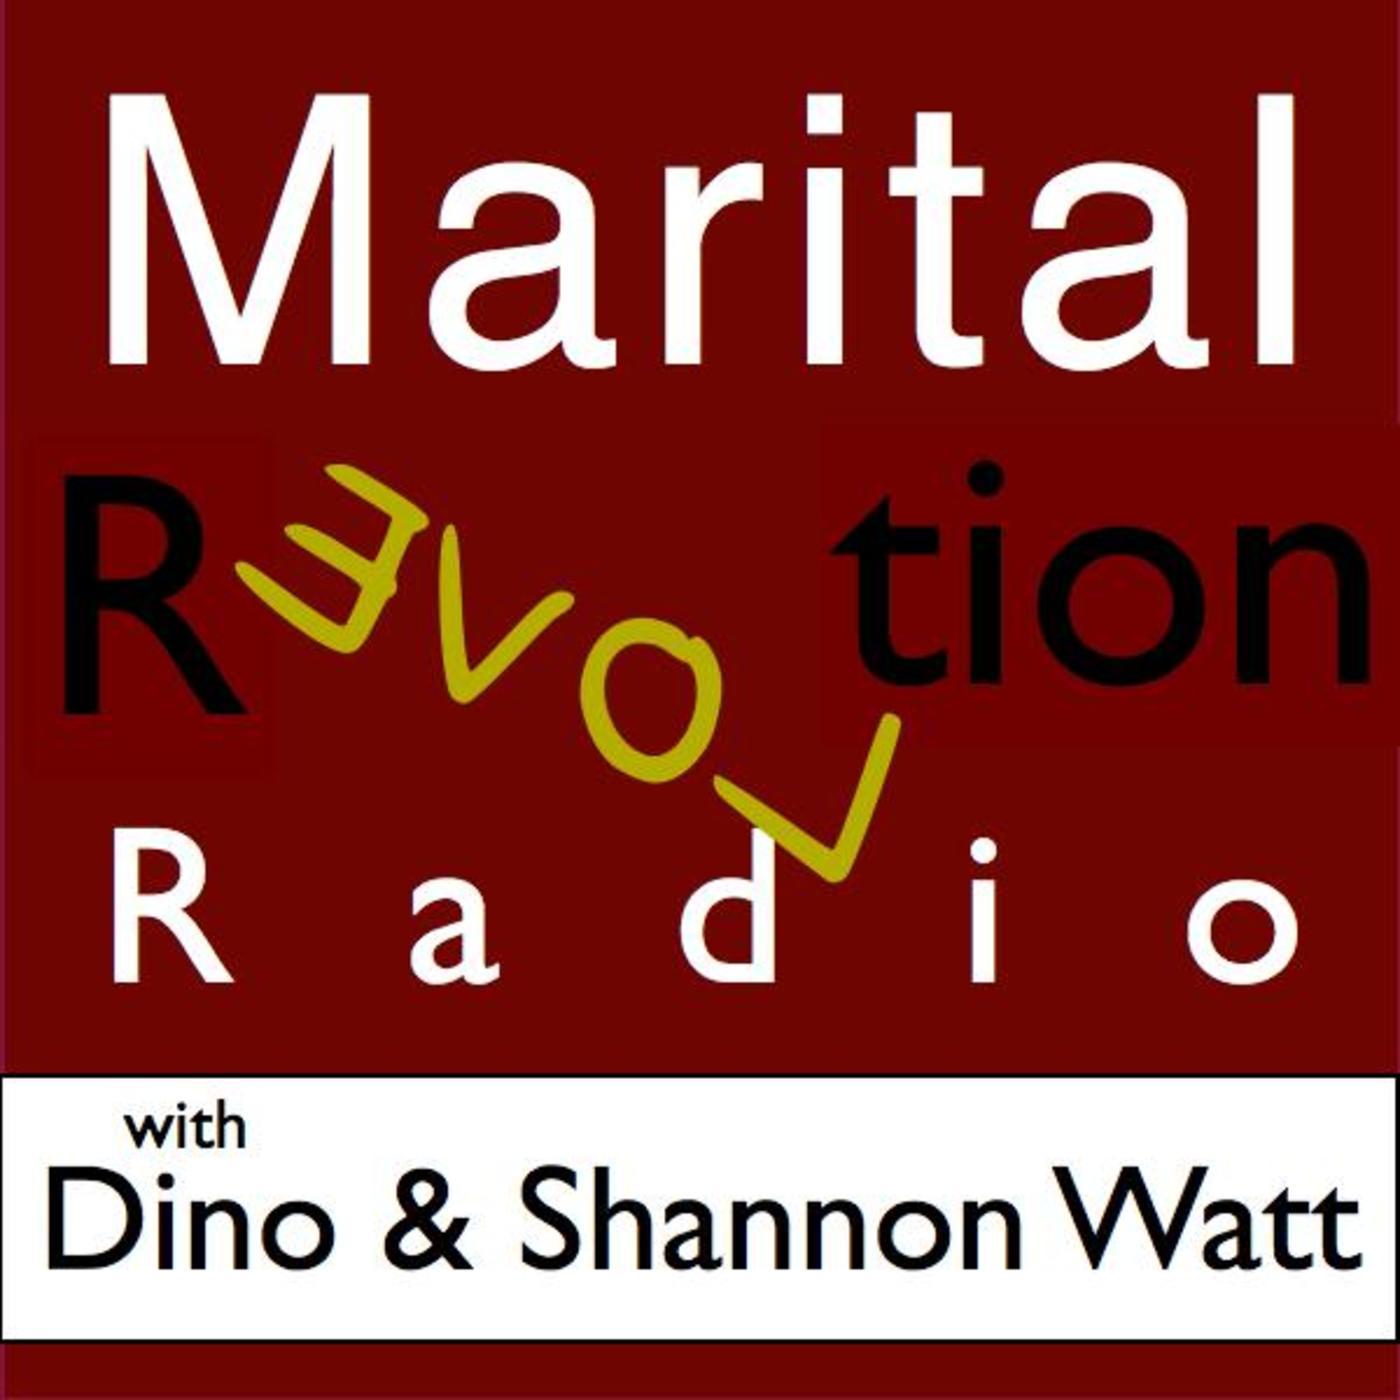 Marital Revolution Radio